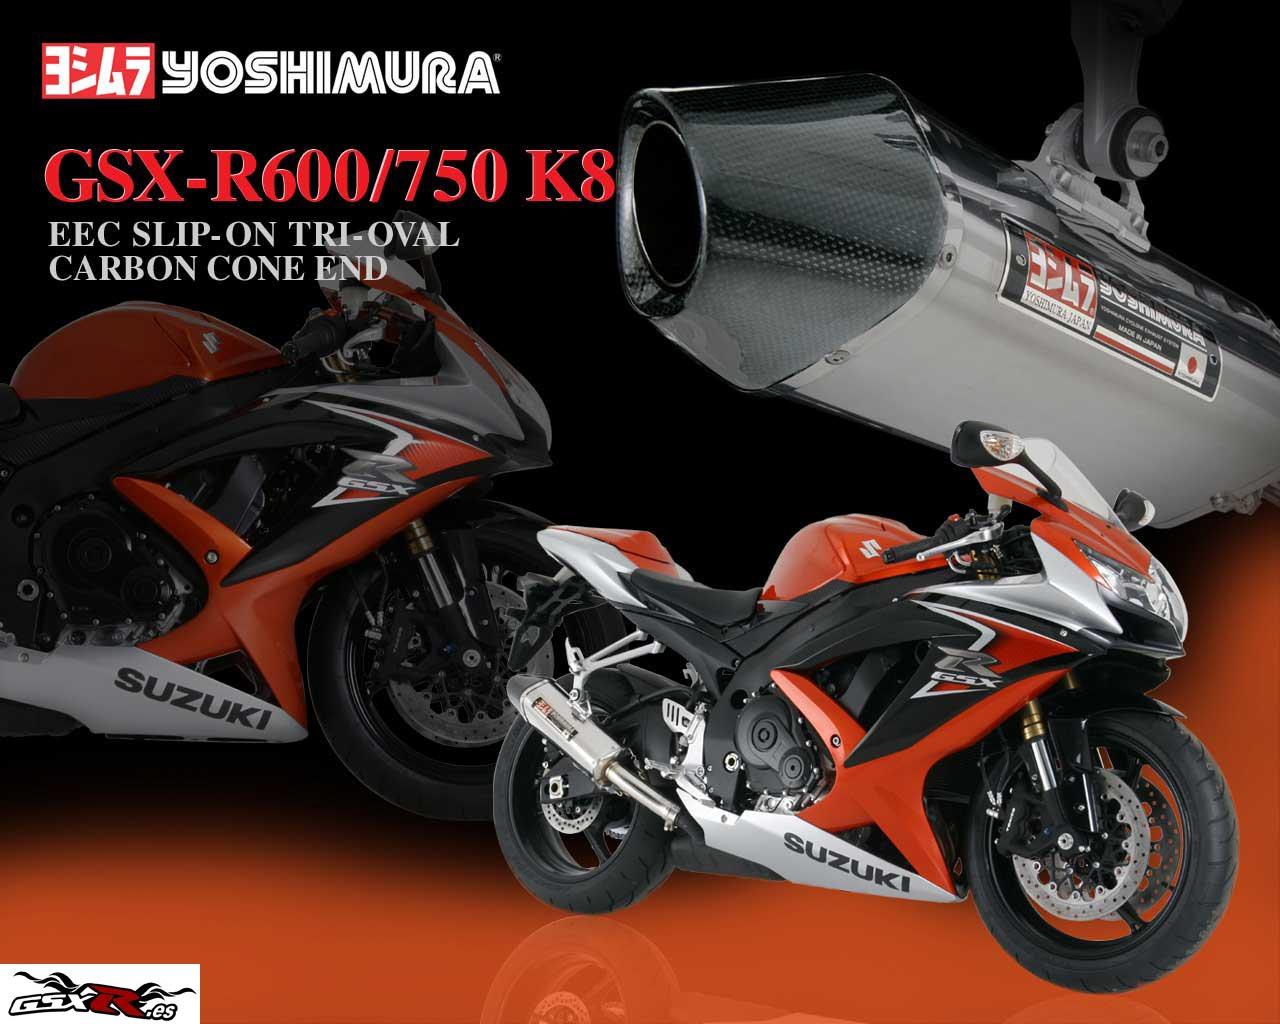 Wallpapers escapes Yoshimura para las Suzuki GSX R K8 Motos Suzuki 1280x1024